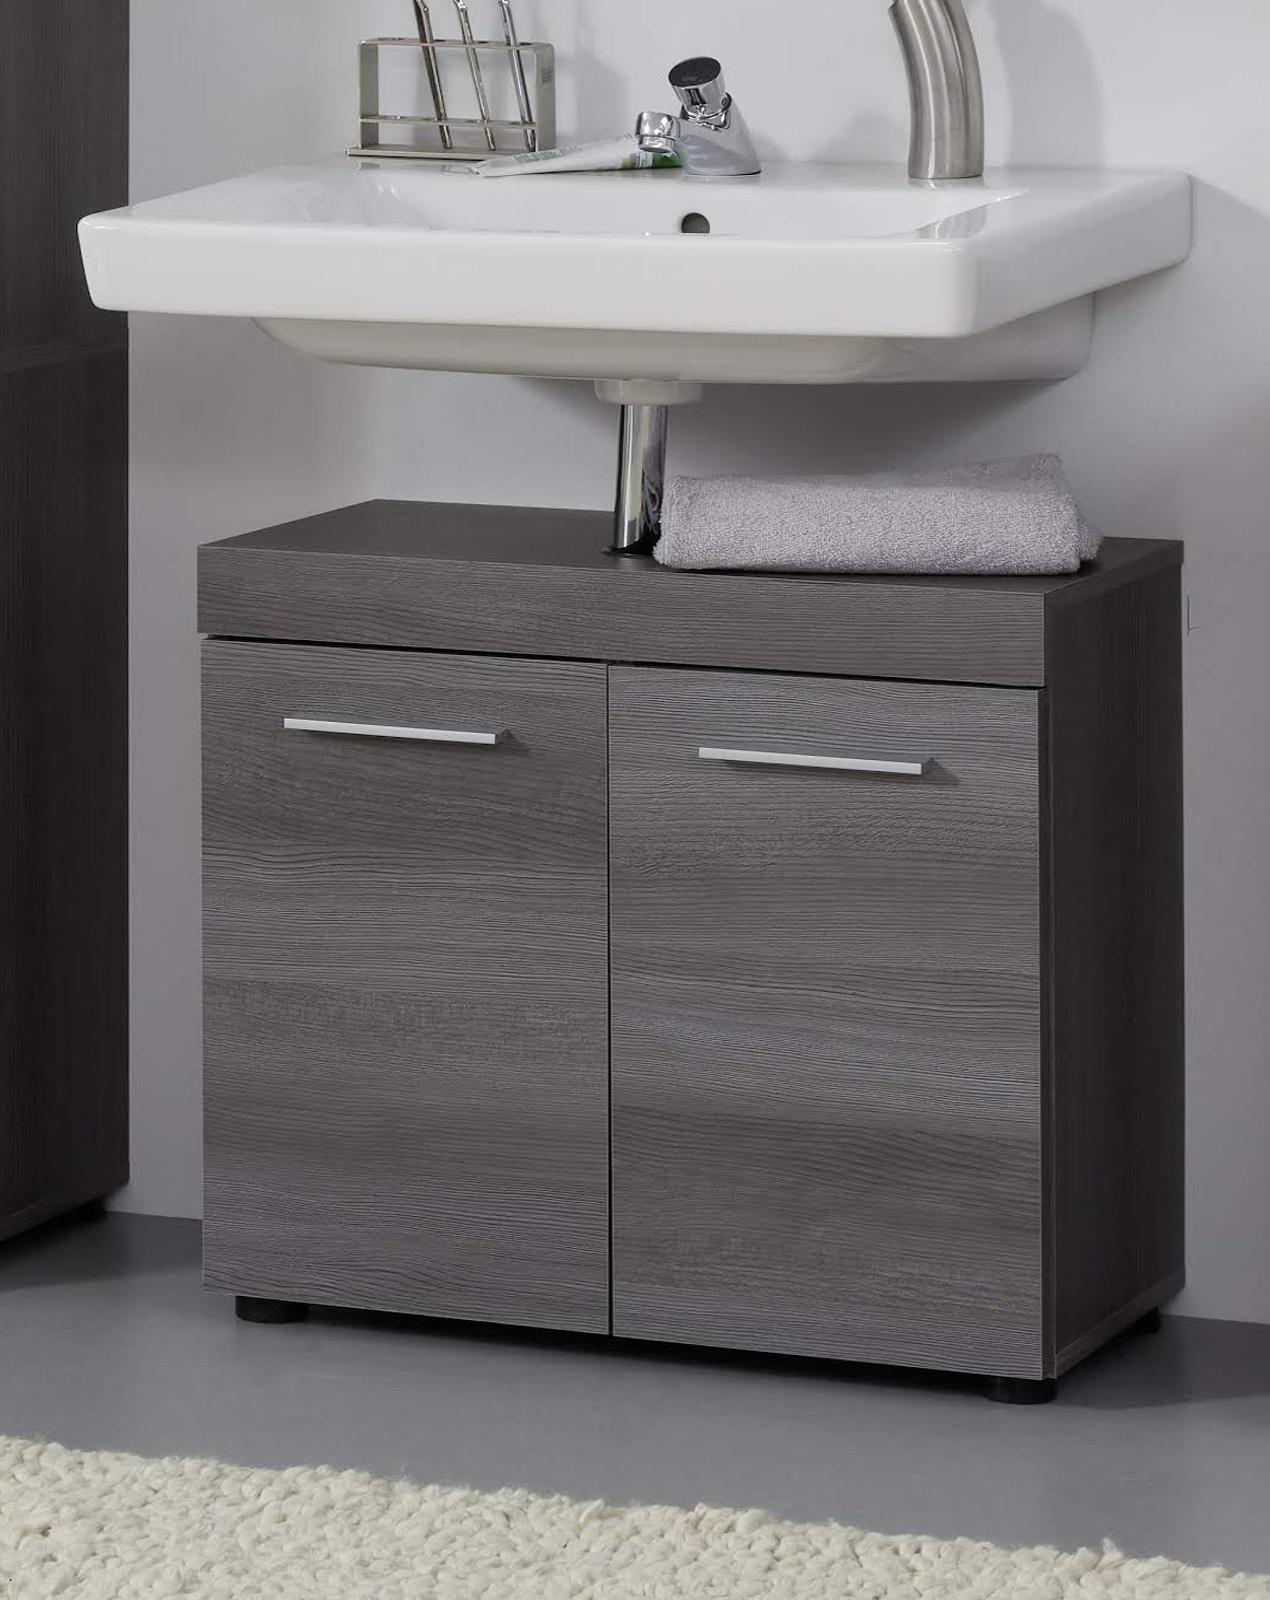 Waschbeckenunterschrank bad schrank grau sardegna bad for Badezimmer unterschrank grau